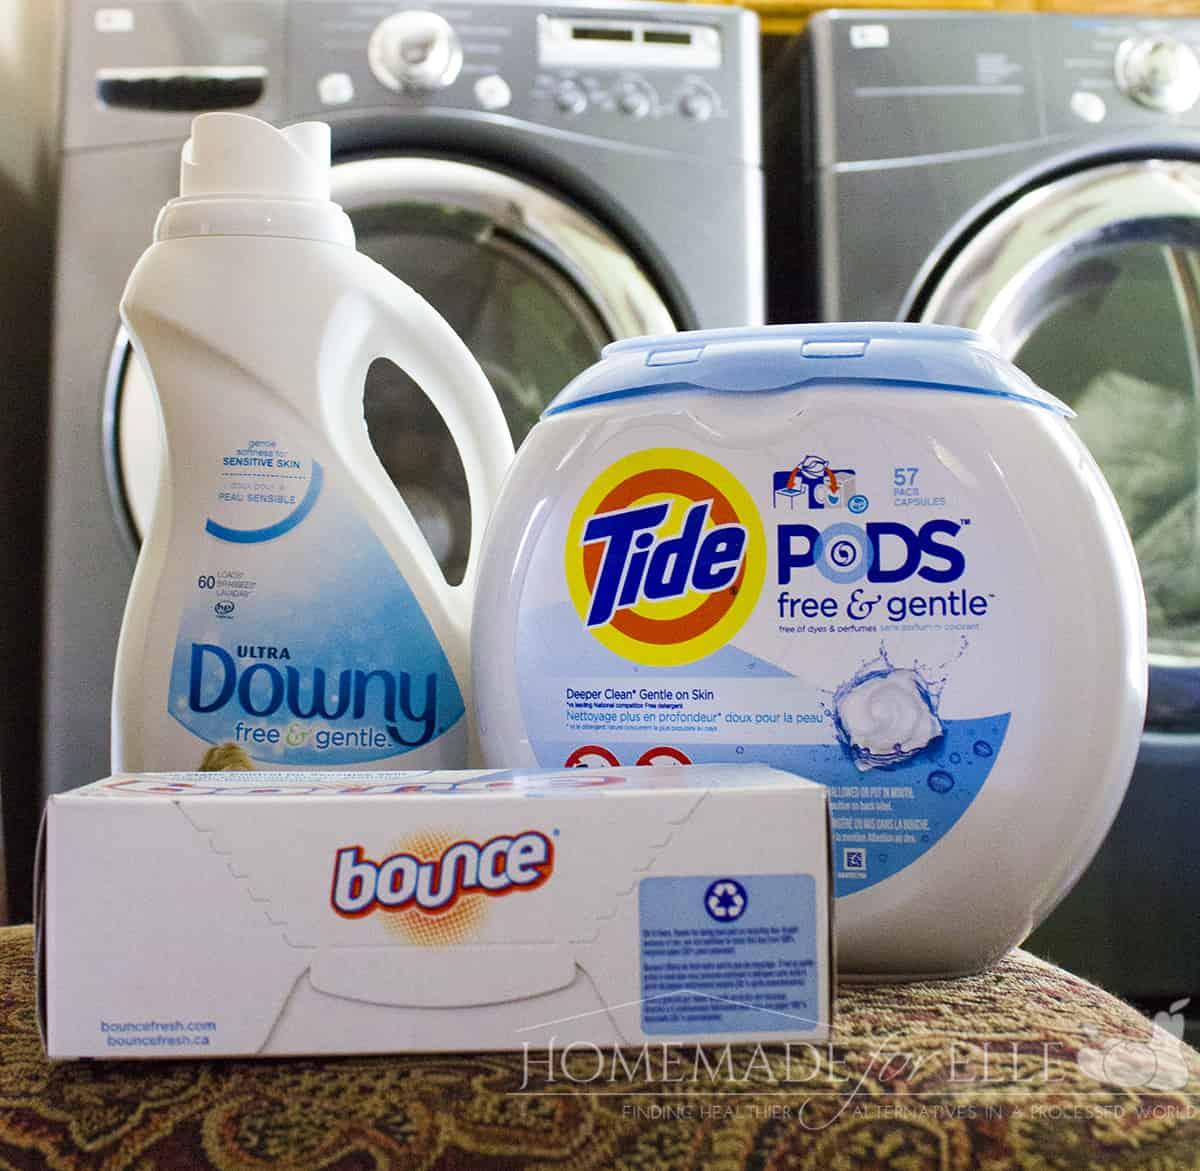 Free & Gentle Detergent